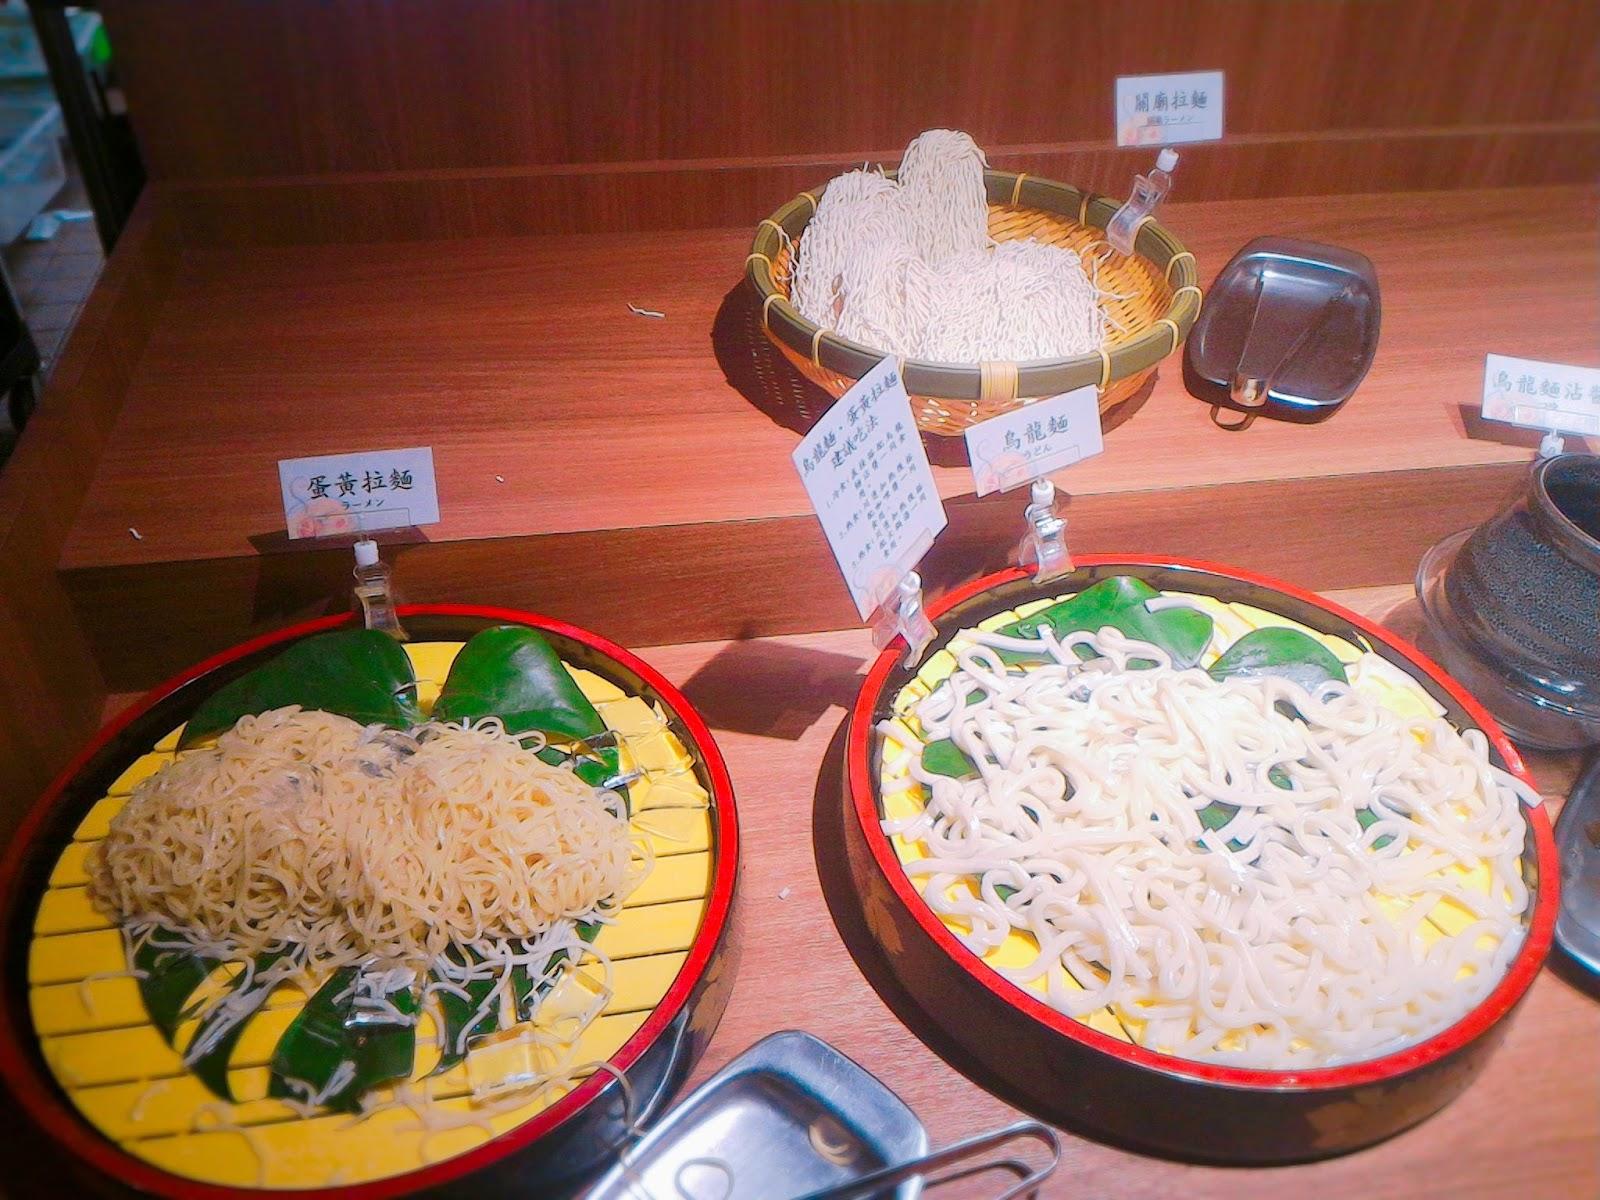 2016 10 16 19 33 08 - 【台南東區】涮乃葉吃到飽日式涮涮鍋 - 新鮮蔬菜與手工拉麵,還有超濃郁的霜淇淋!